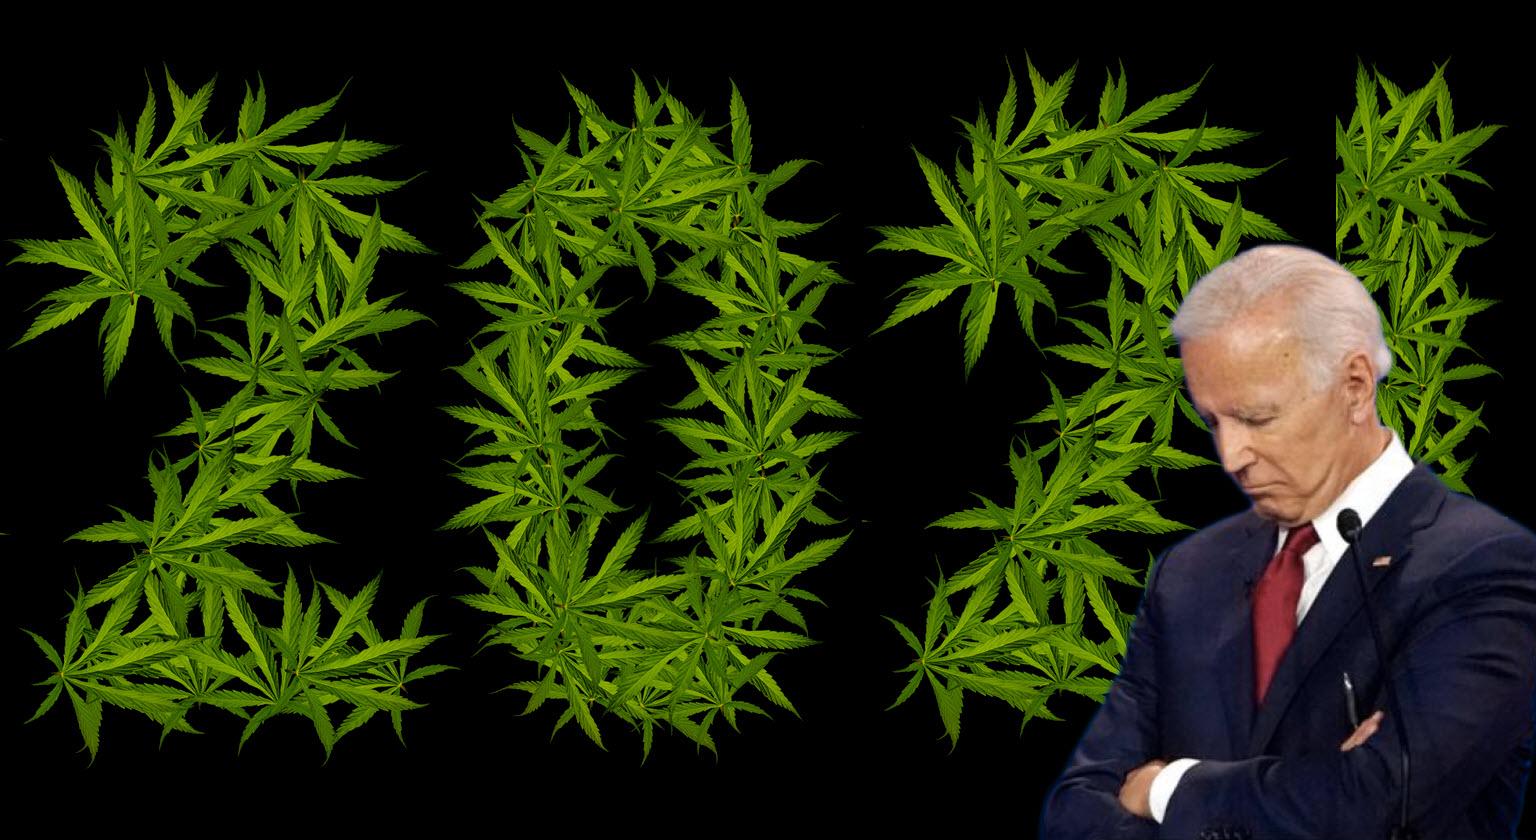 Legalize it or nah